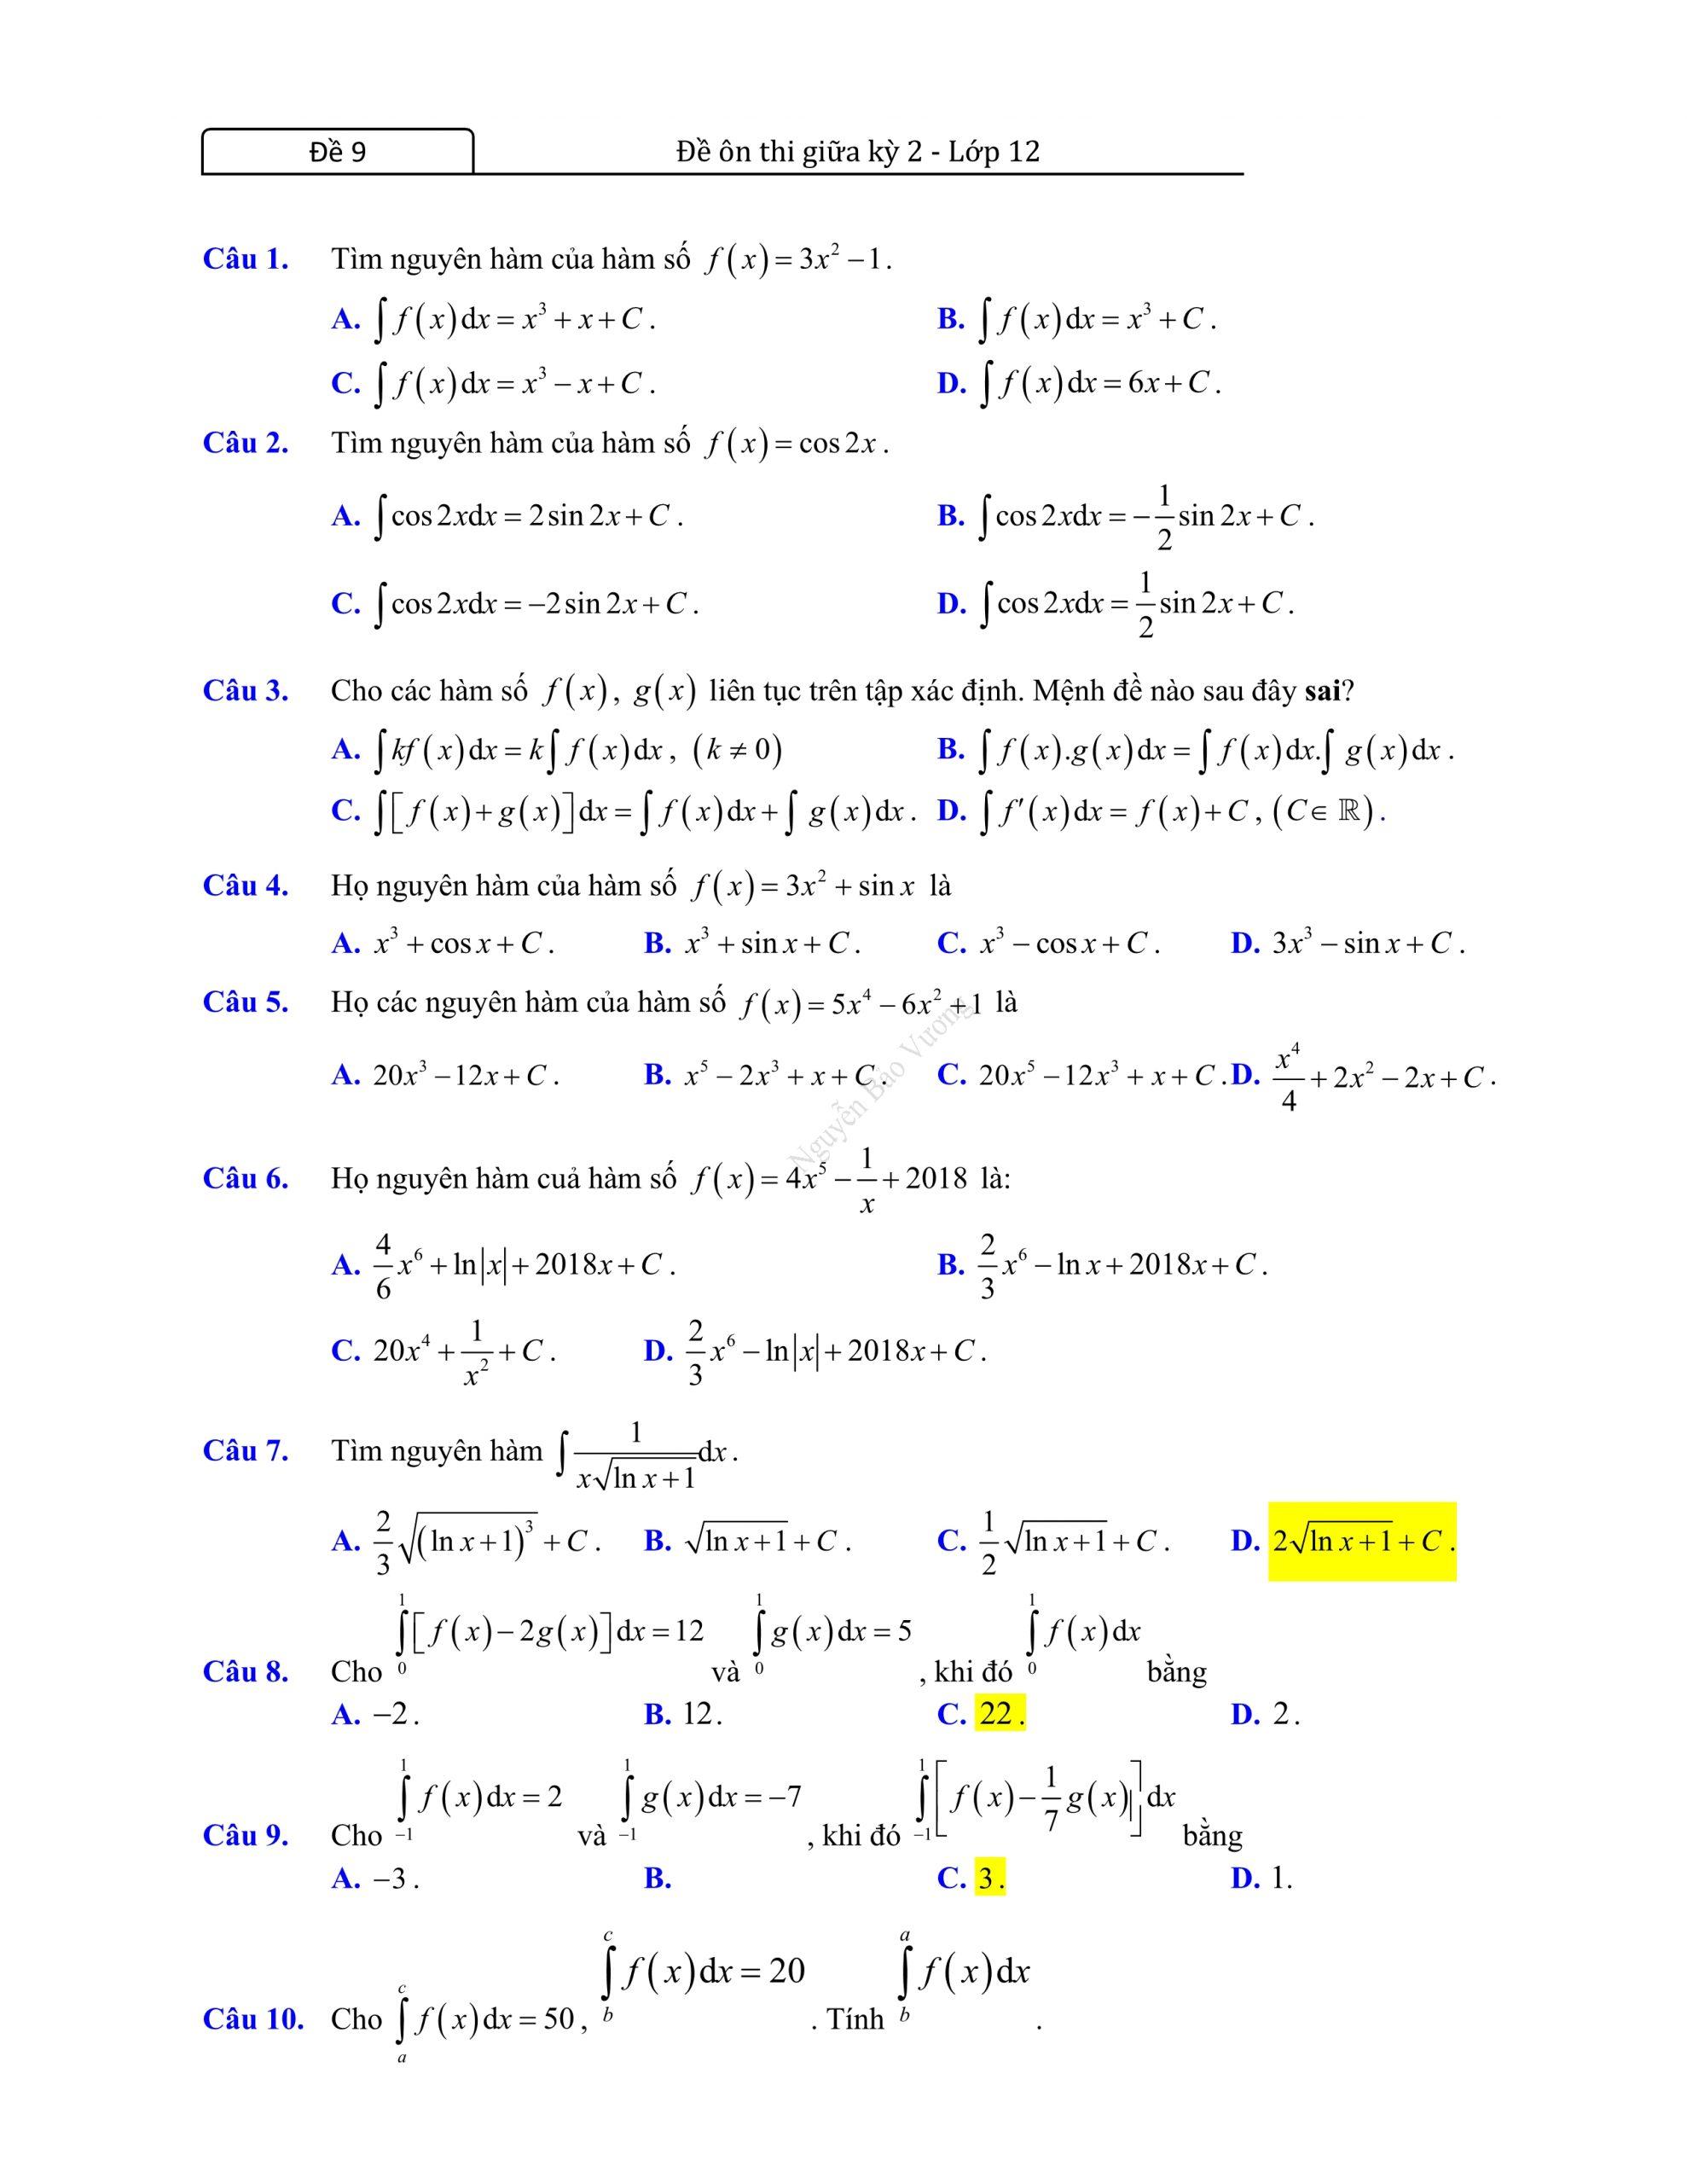 Đề thi giữa hk2 toán 12 có đáp án 2021 dễ hiểu